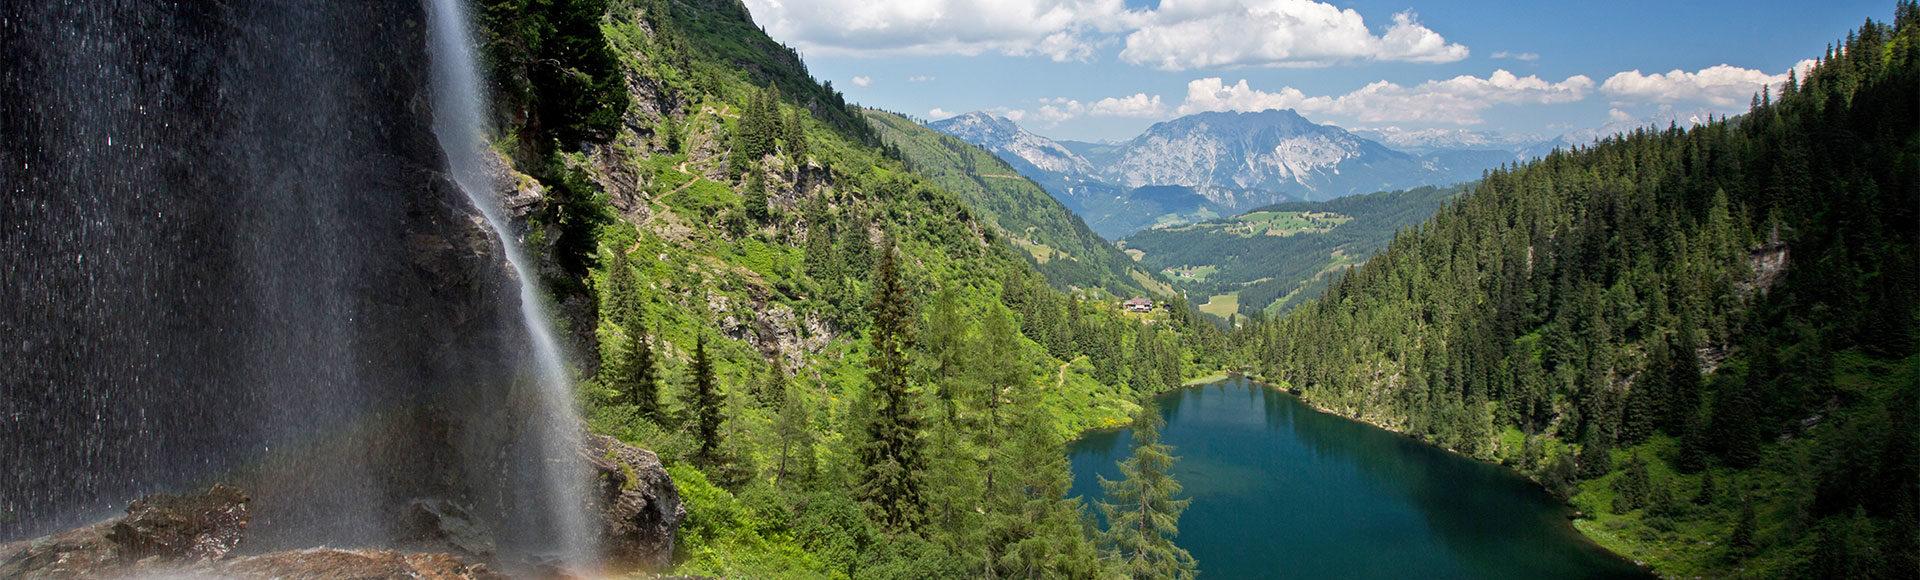 Steirischer Bodensee - Ausflugsziel in der Steiermark